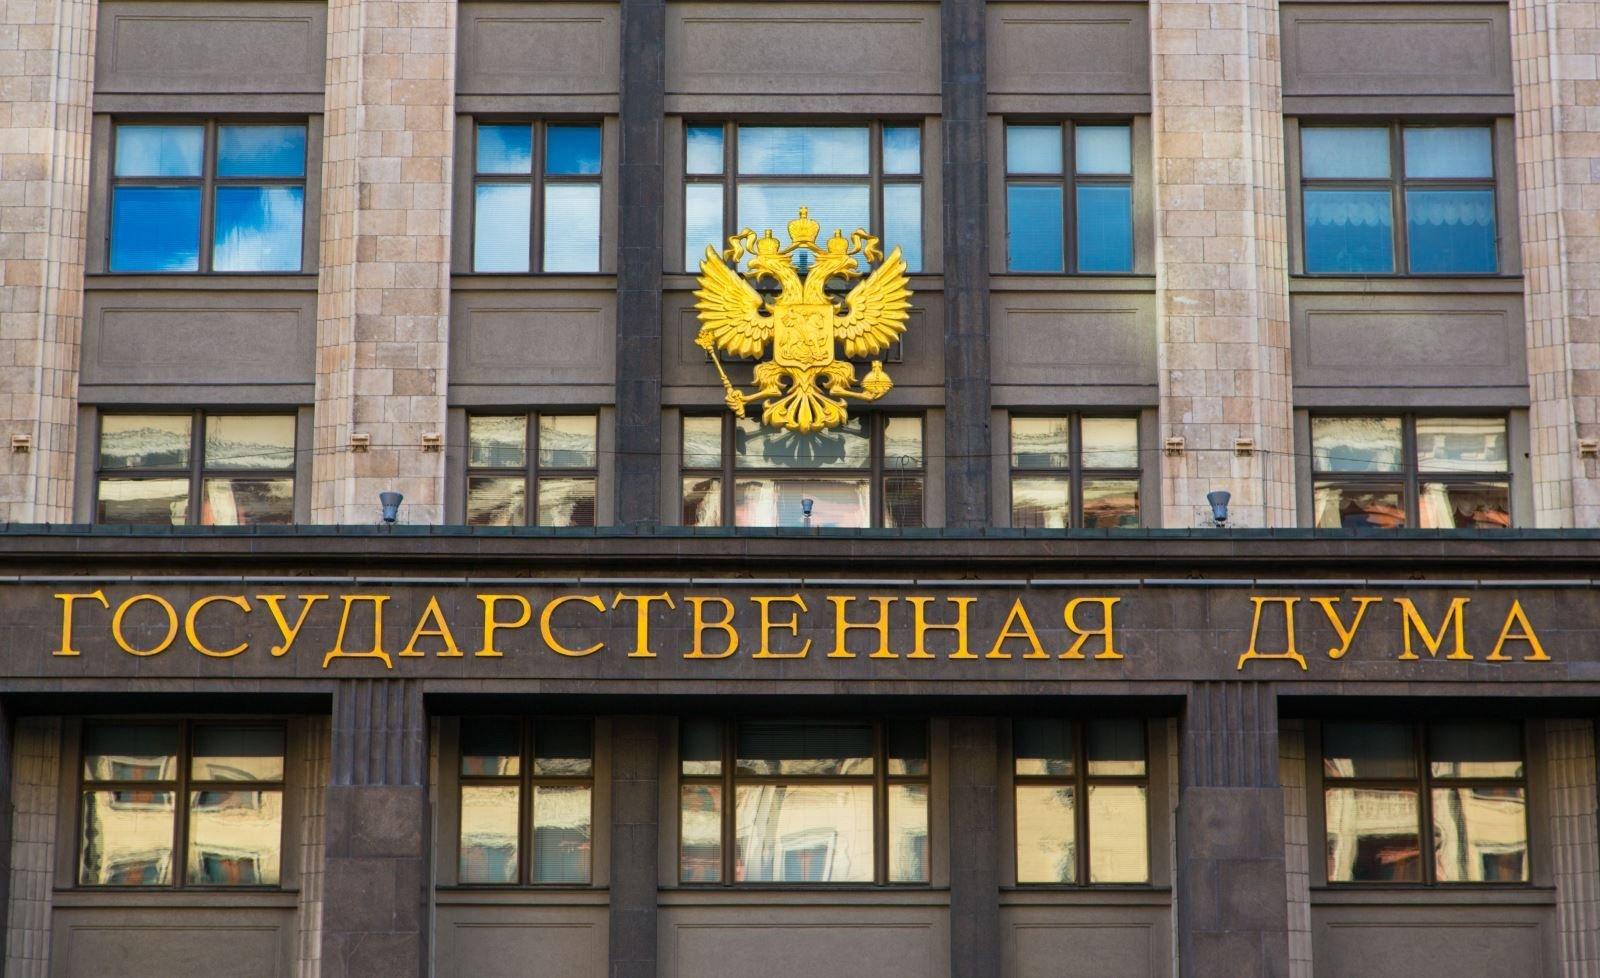 Госдума: Разрешение СБУ на арест имущества в Крыму является фикцией